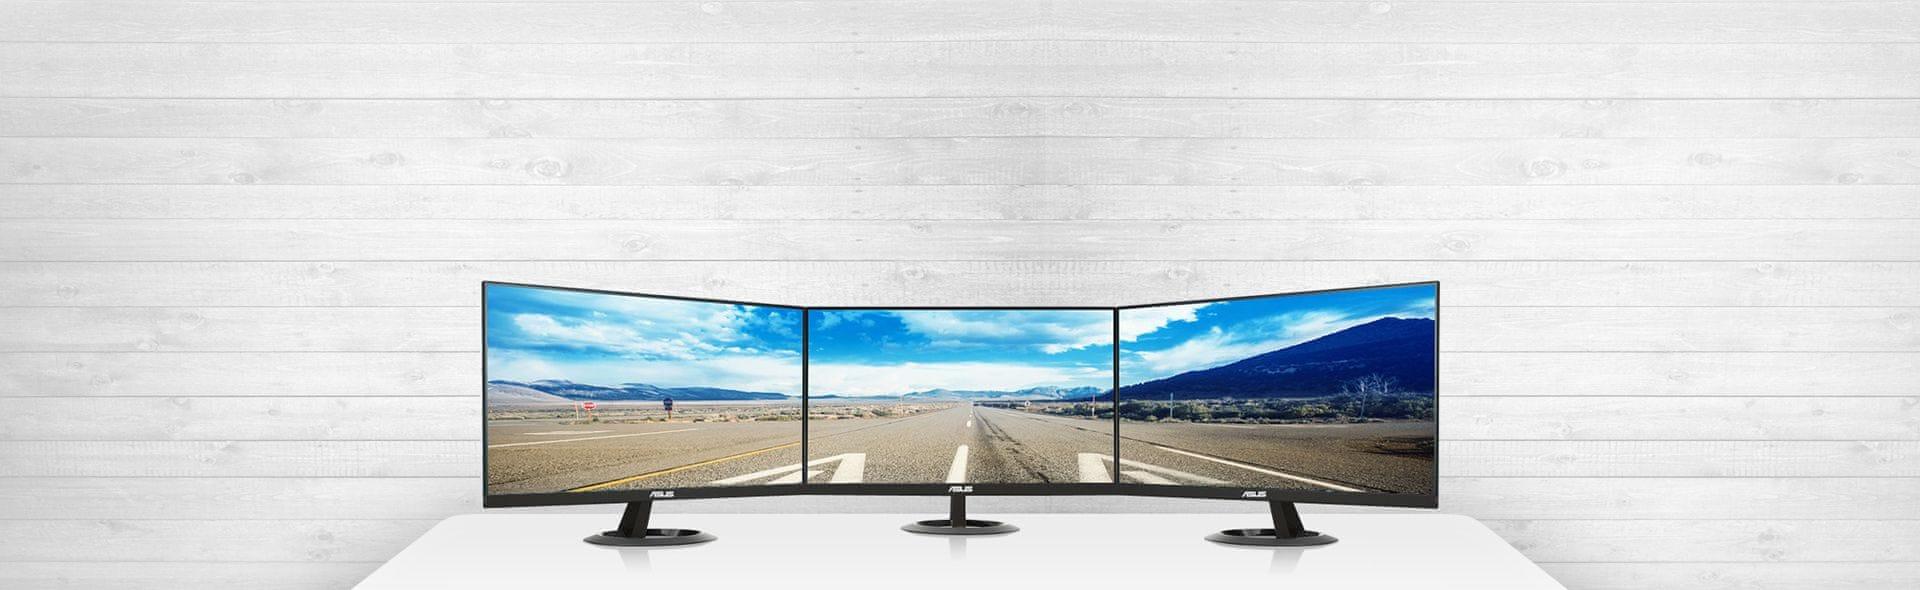 Ideální pro konfigurace s více monitory